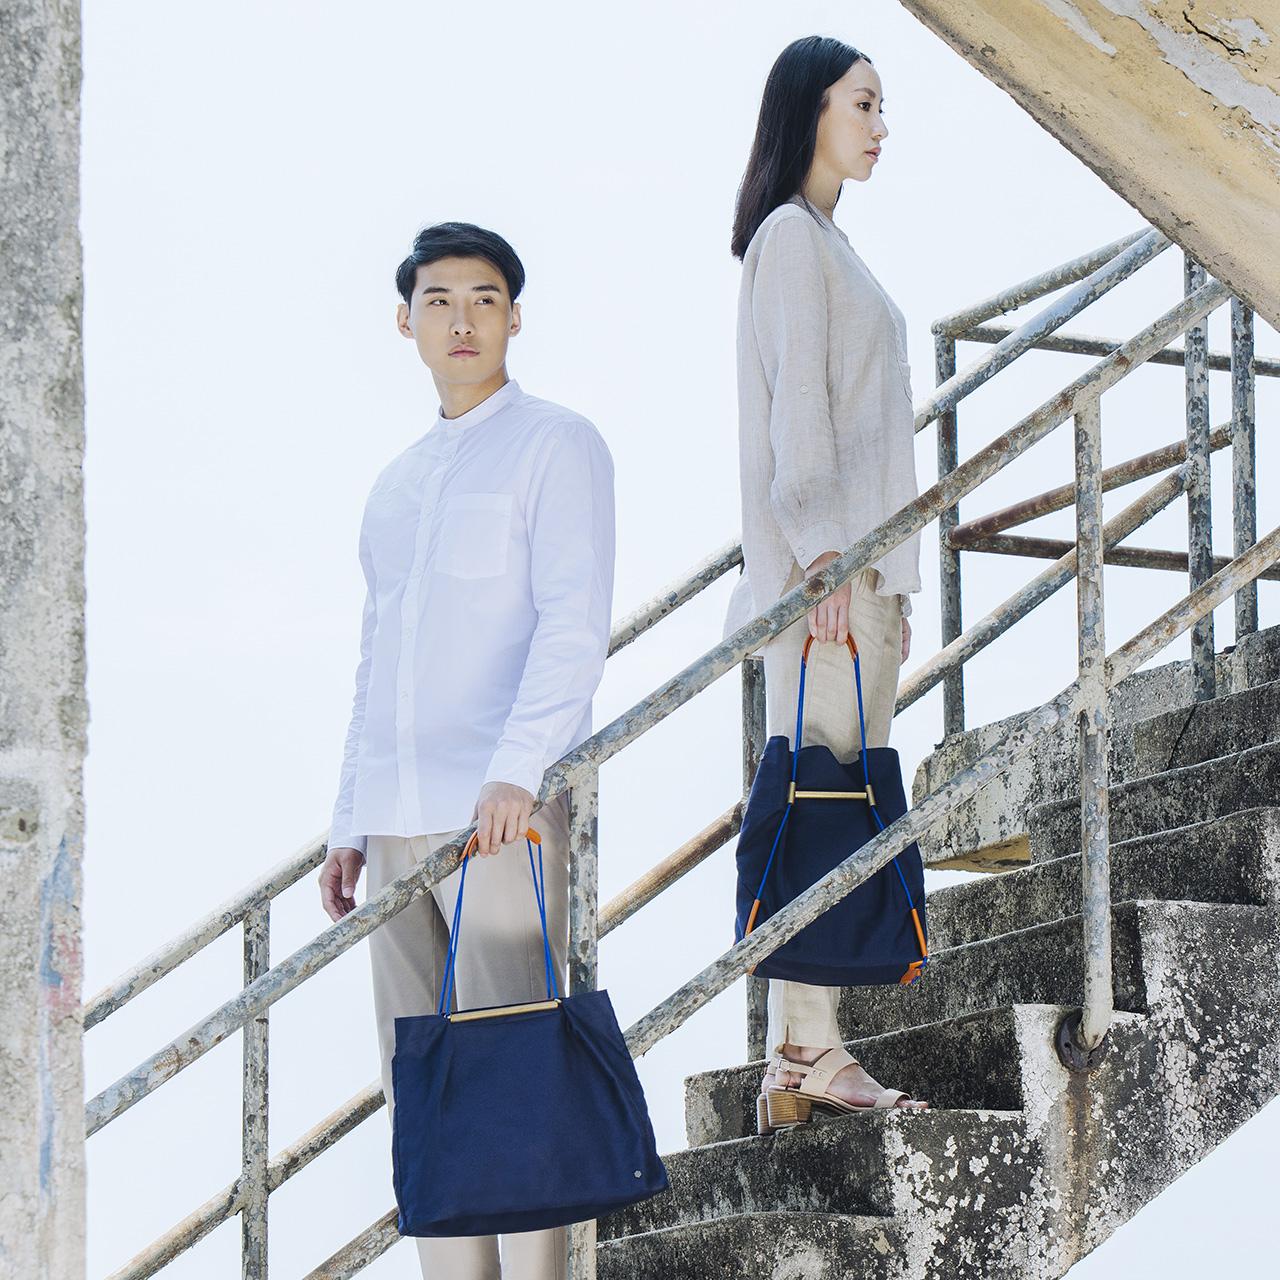 robags,生活選物,配件,包款品牌,香港品牌,香港包款品牌,配件品牌,包款品牌